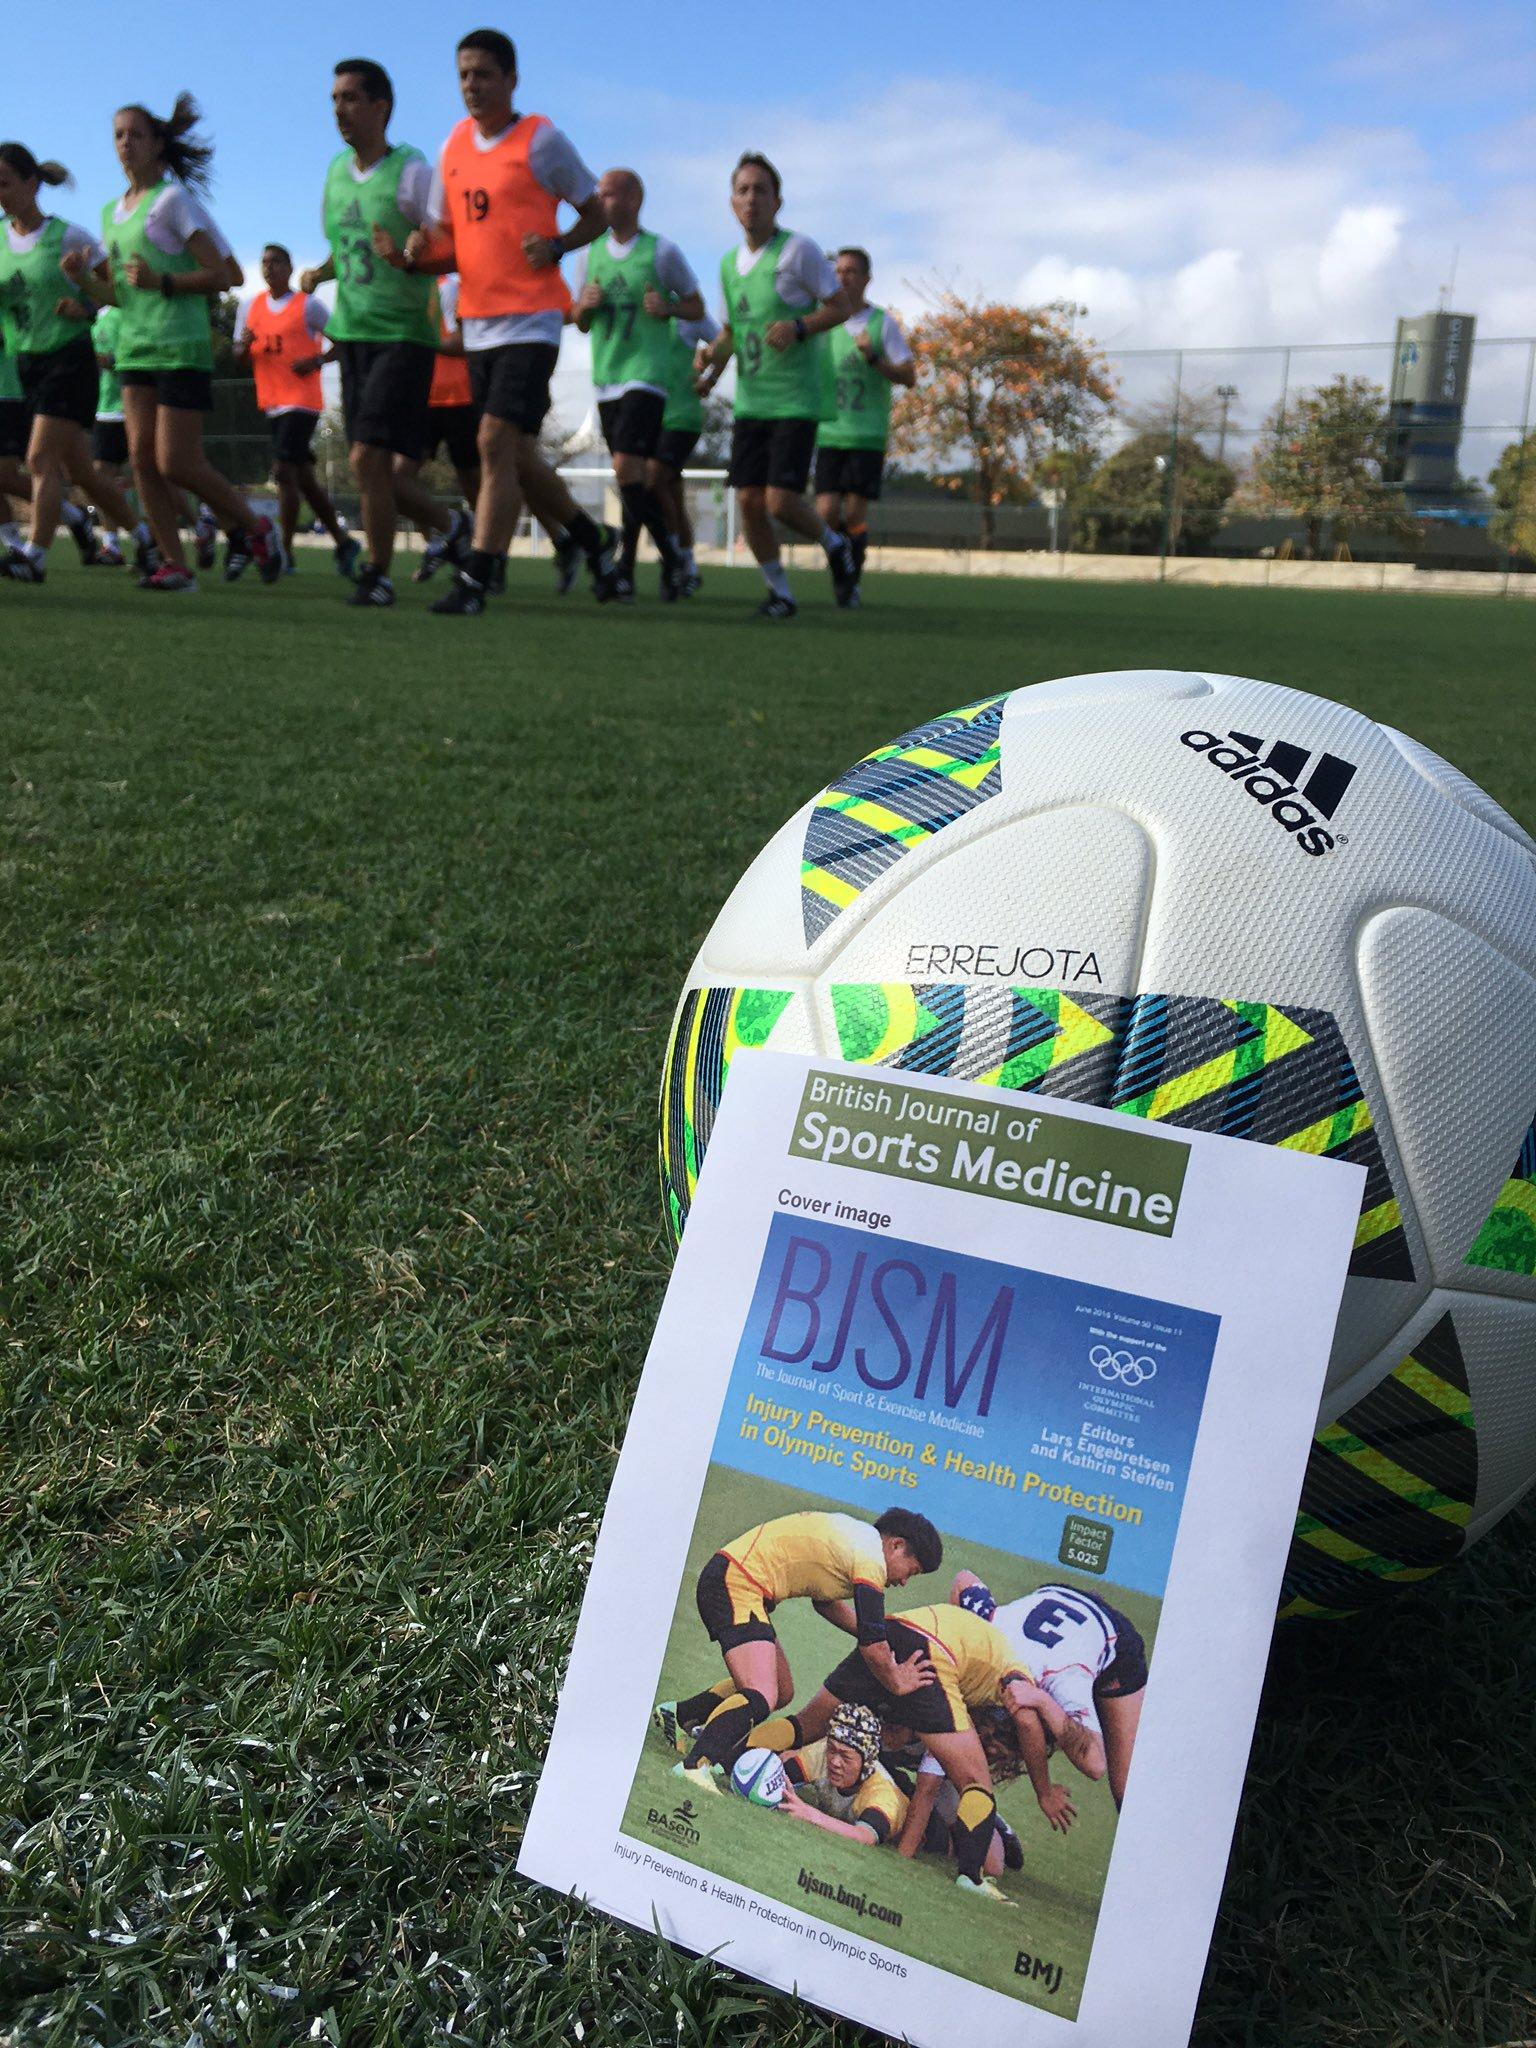 bjsm-blog-cover-w-soccer-ball